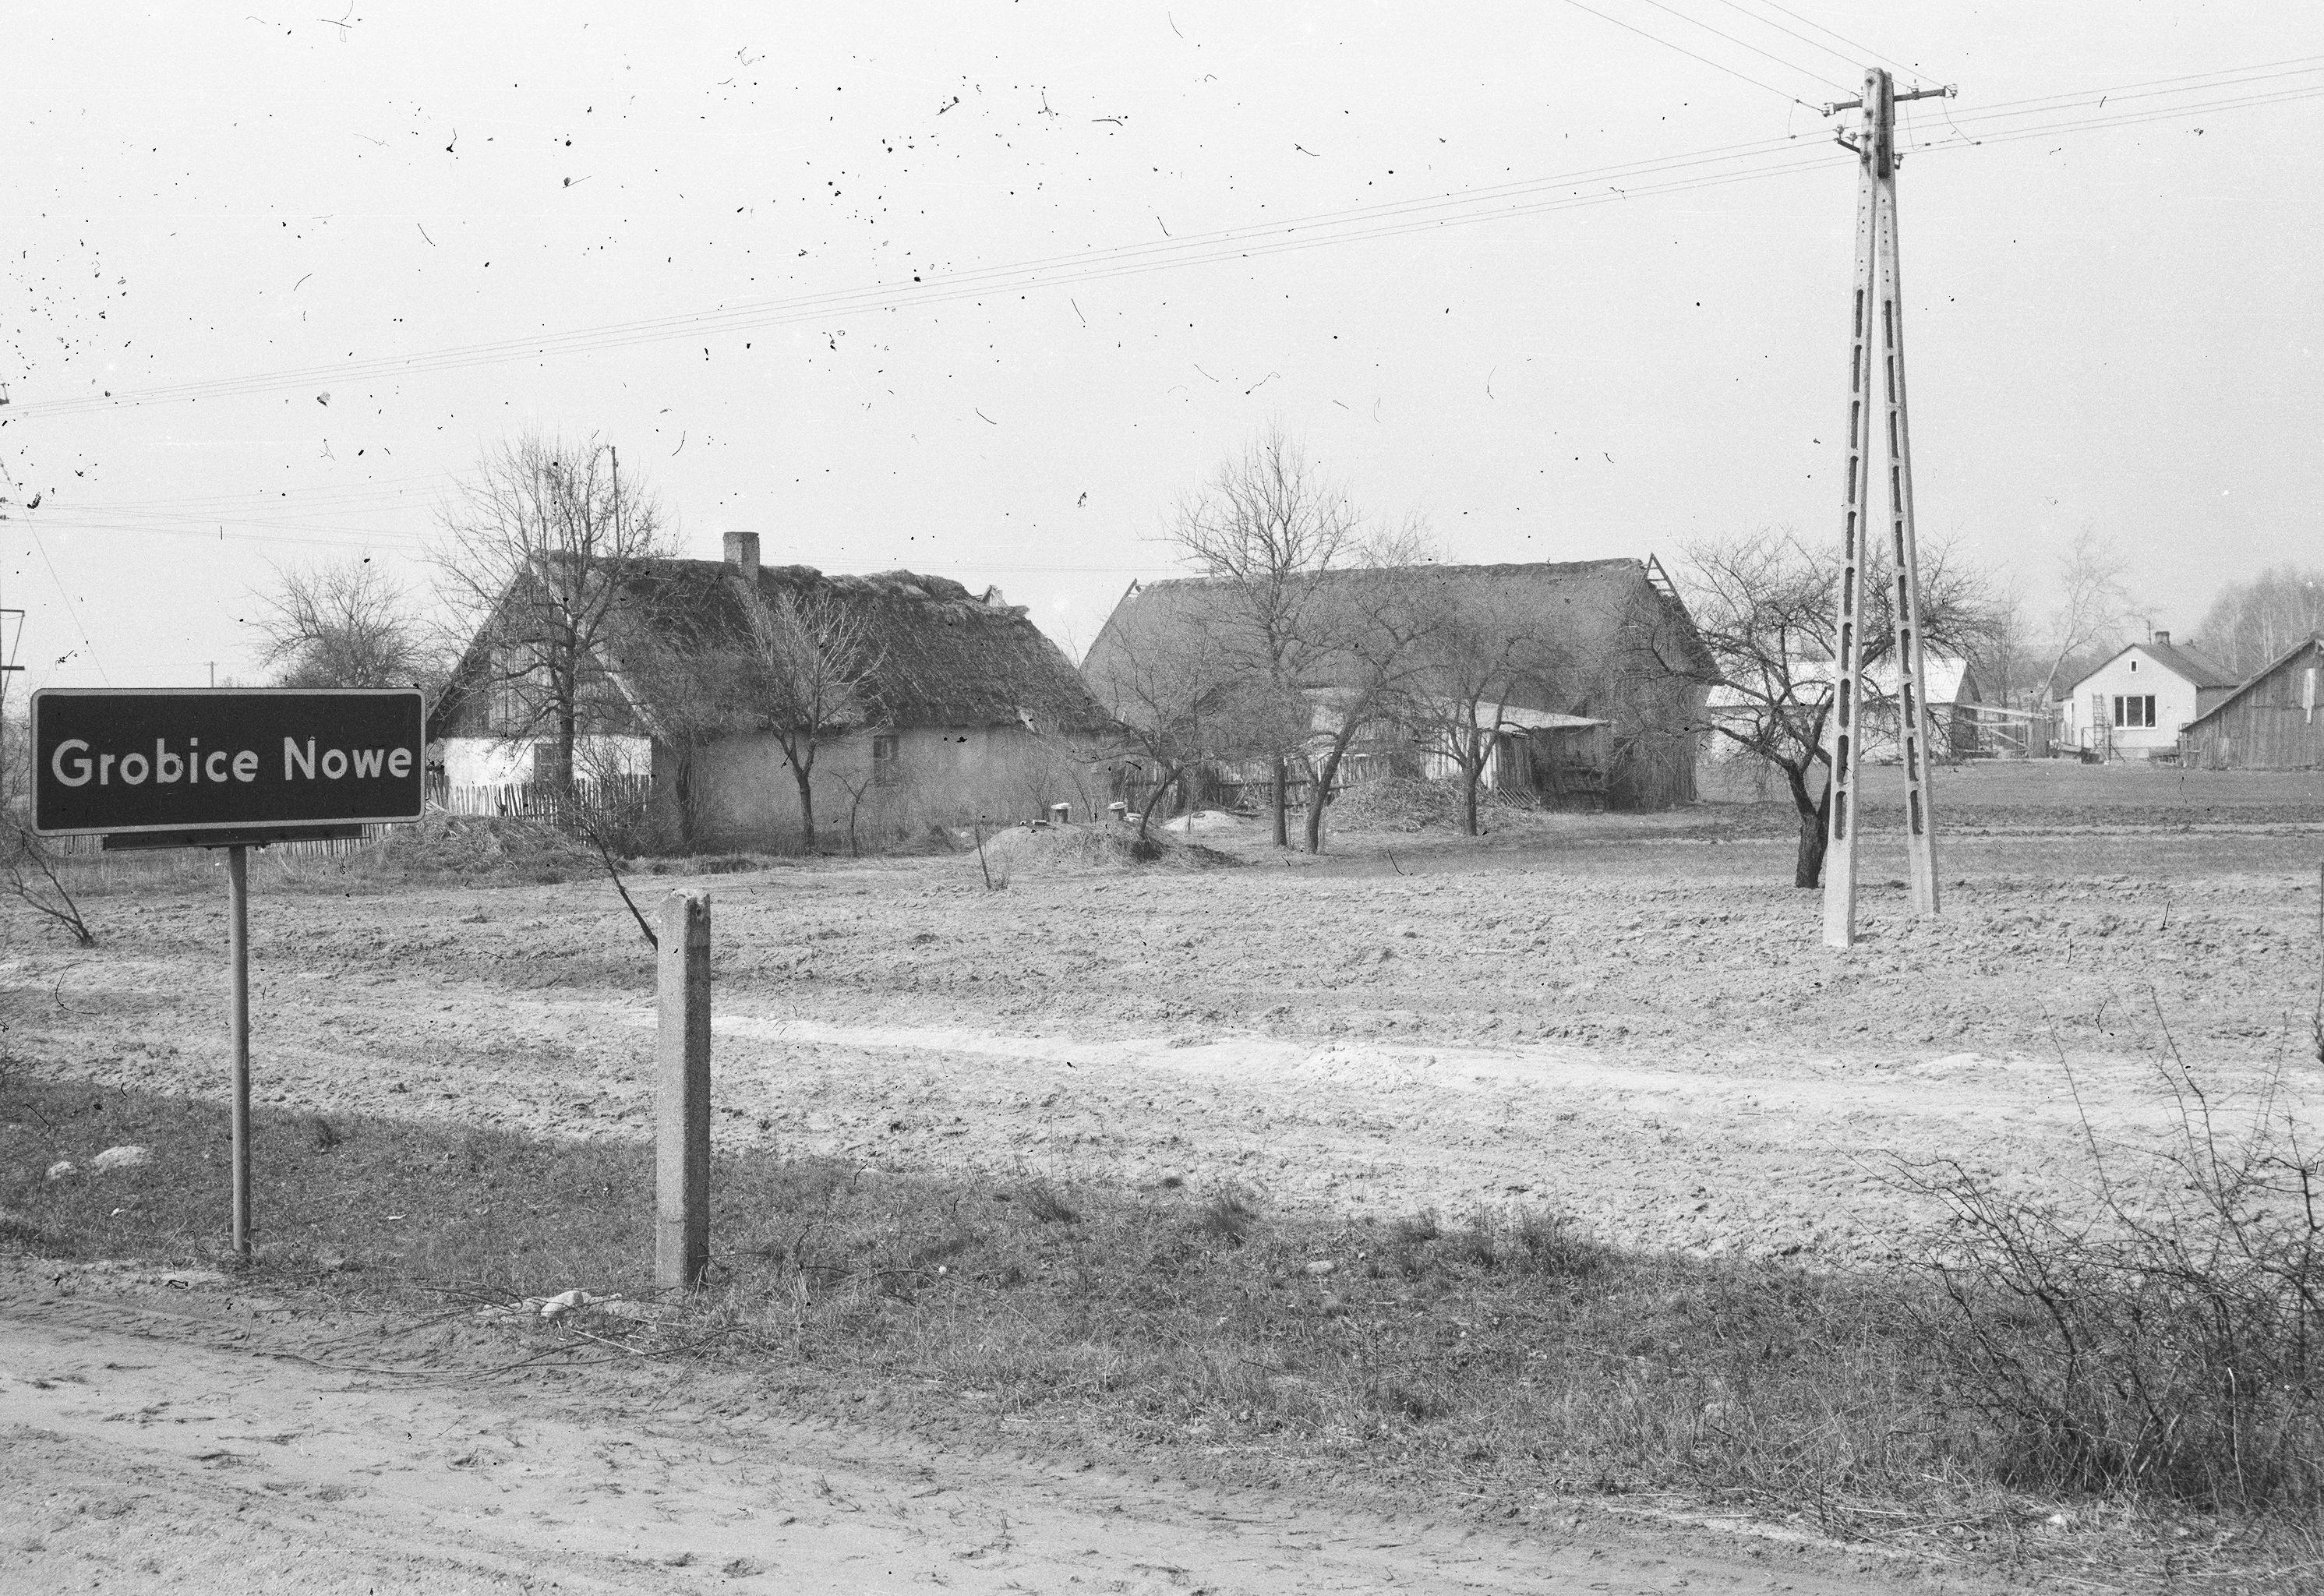 Widok w drodze powrotnej ze szpitala w Otwocku, lata 80. XX w.